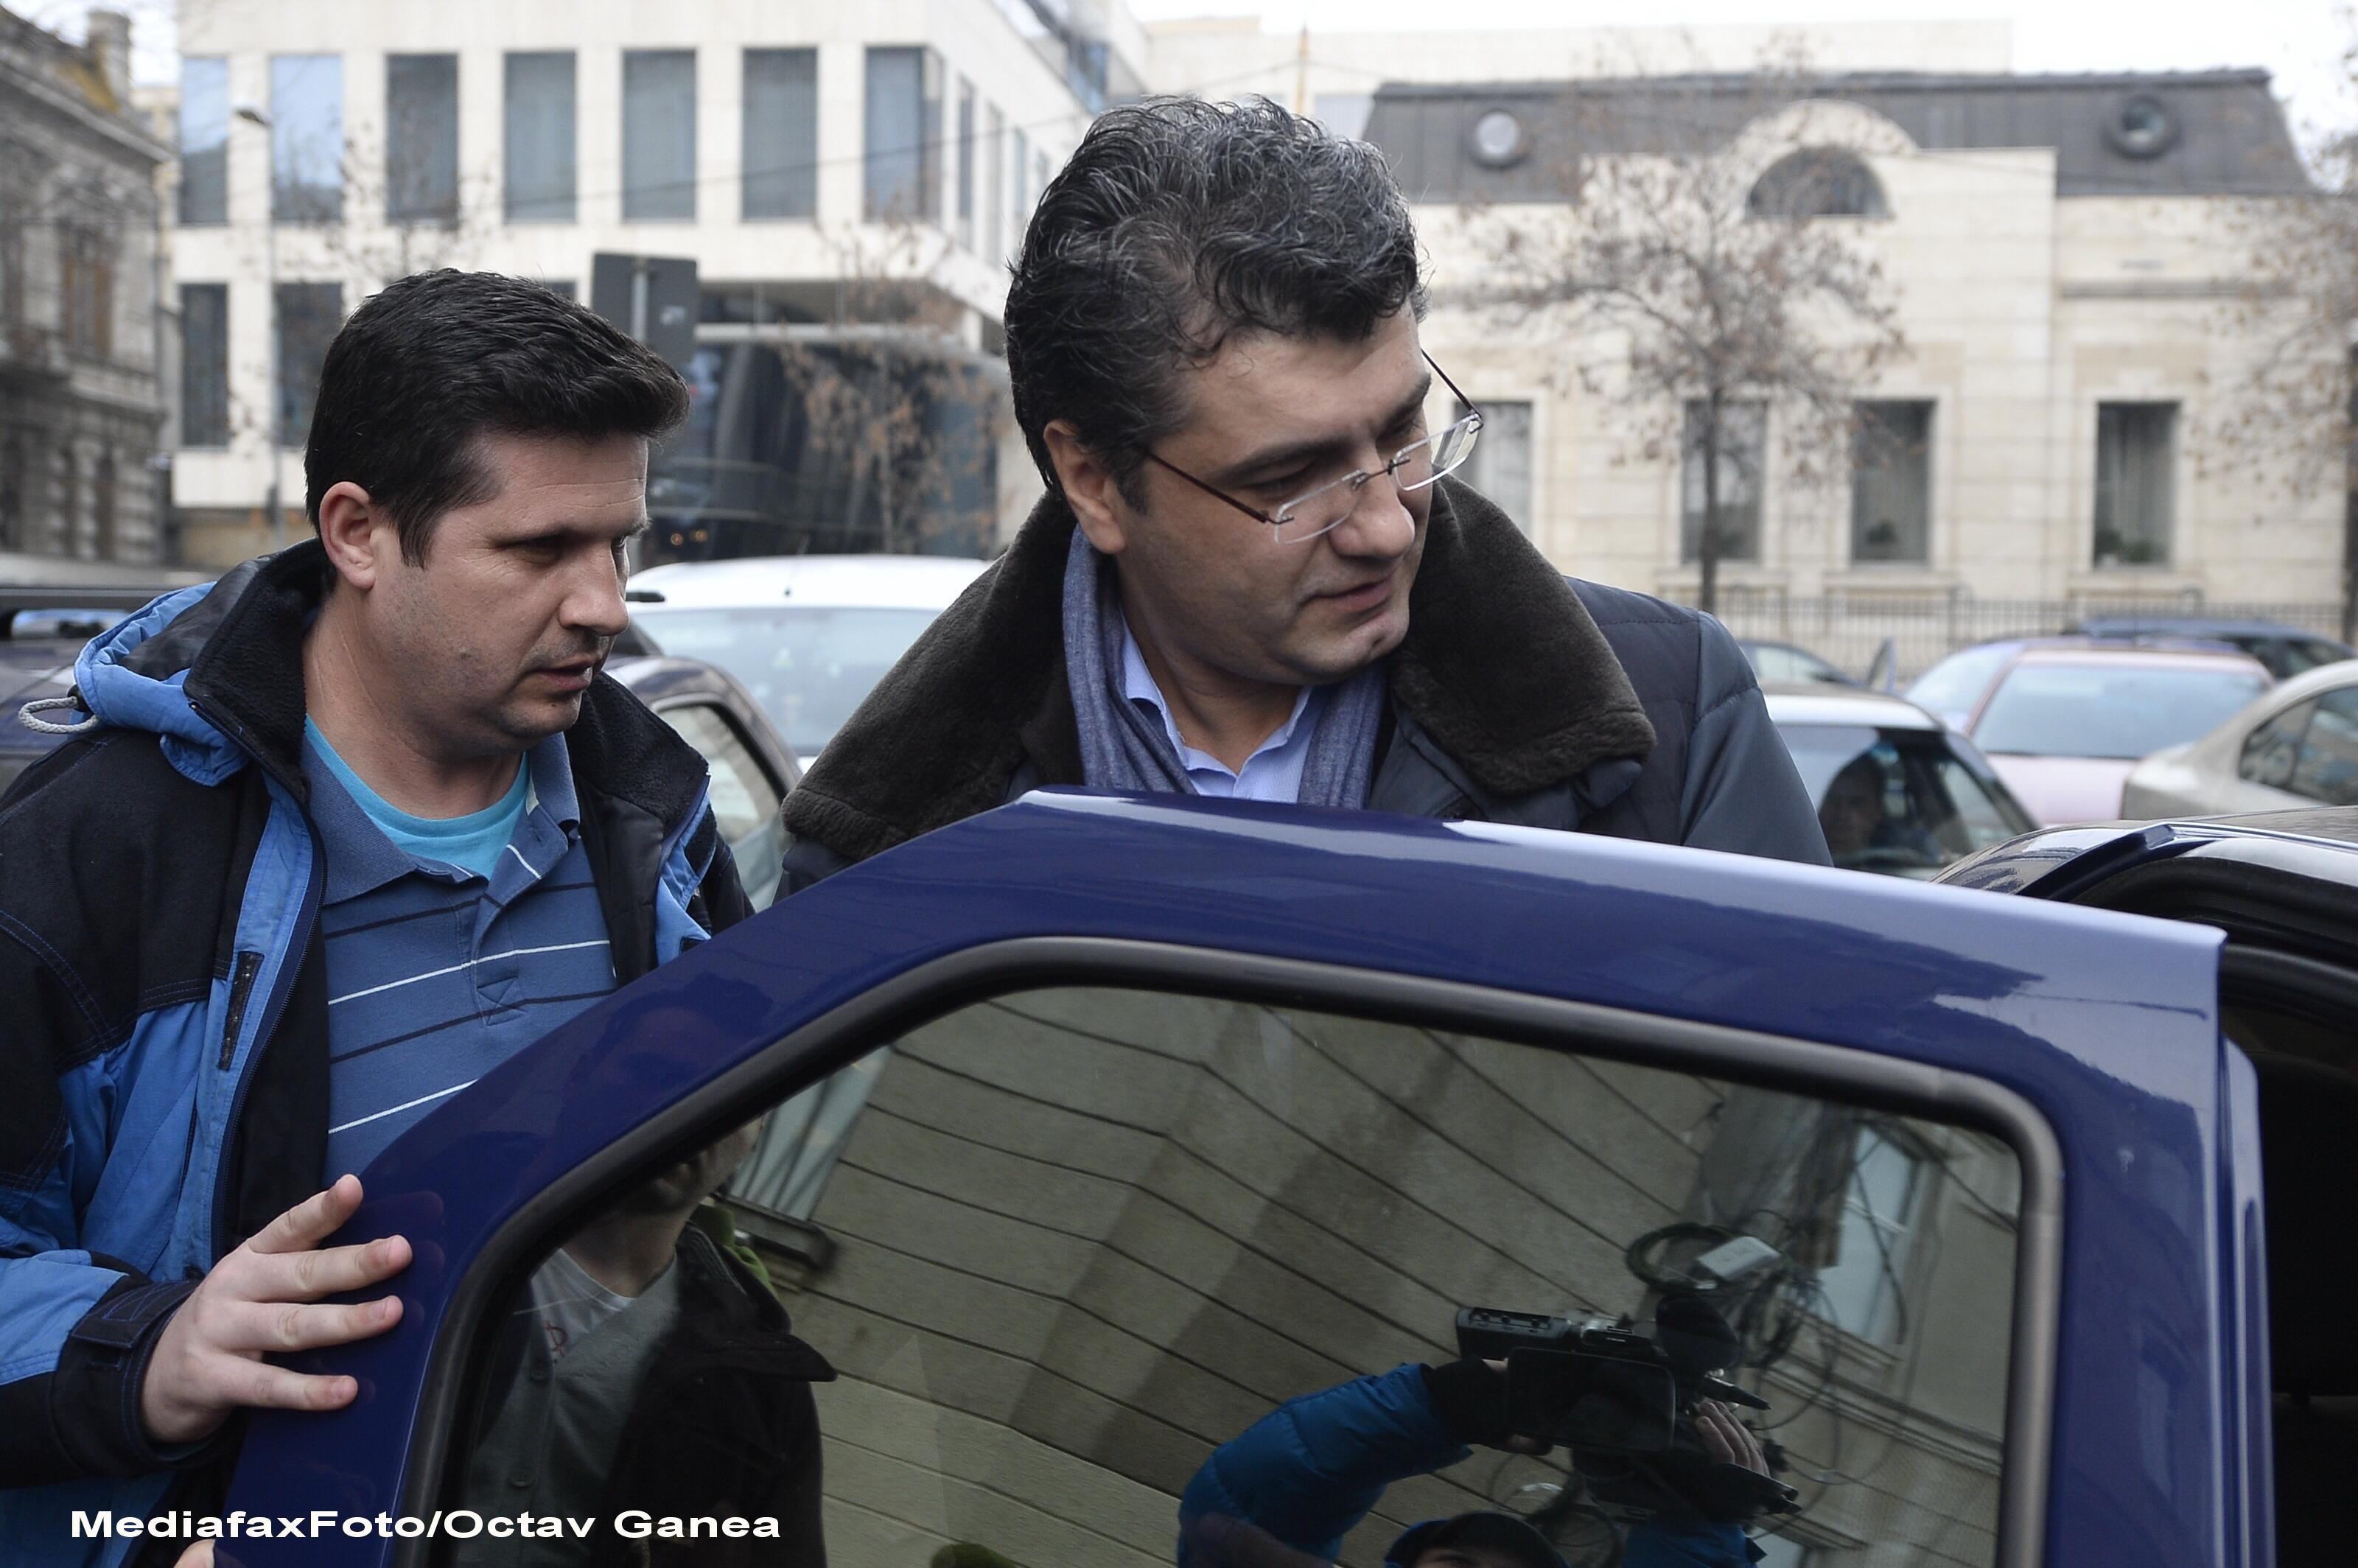 Fostul secretar de stat in Ministerul Justitiei Ovidiu Putura a fost retinut. E acuzat de dare de mita si trafic de influenta